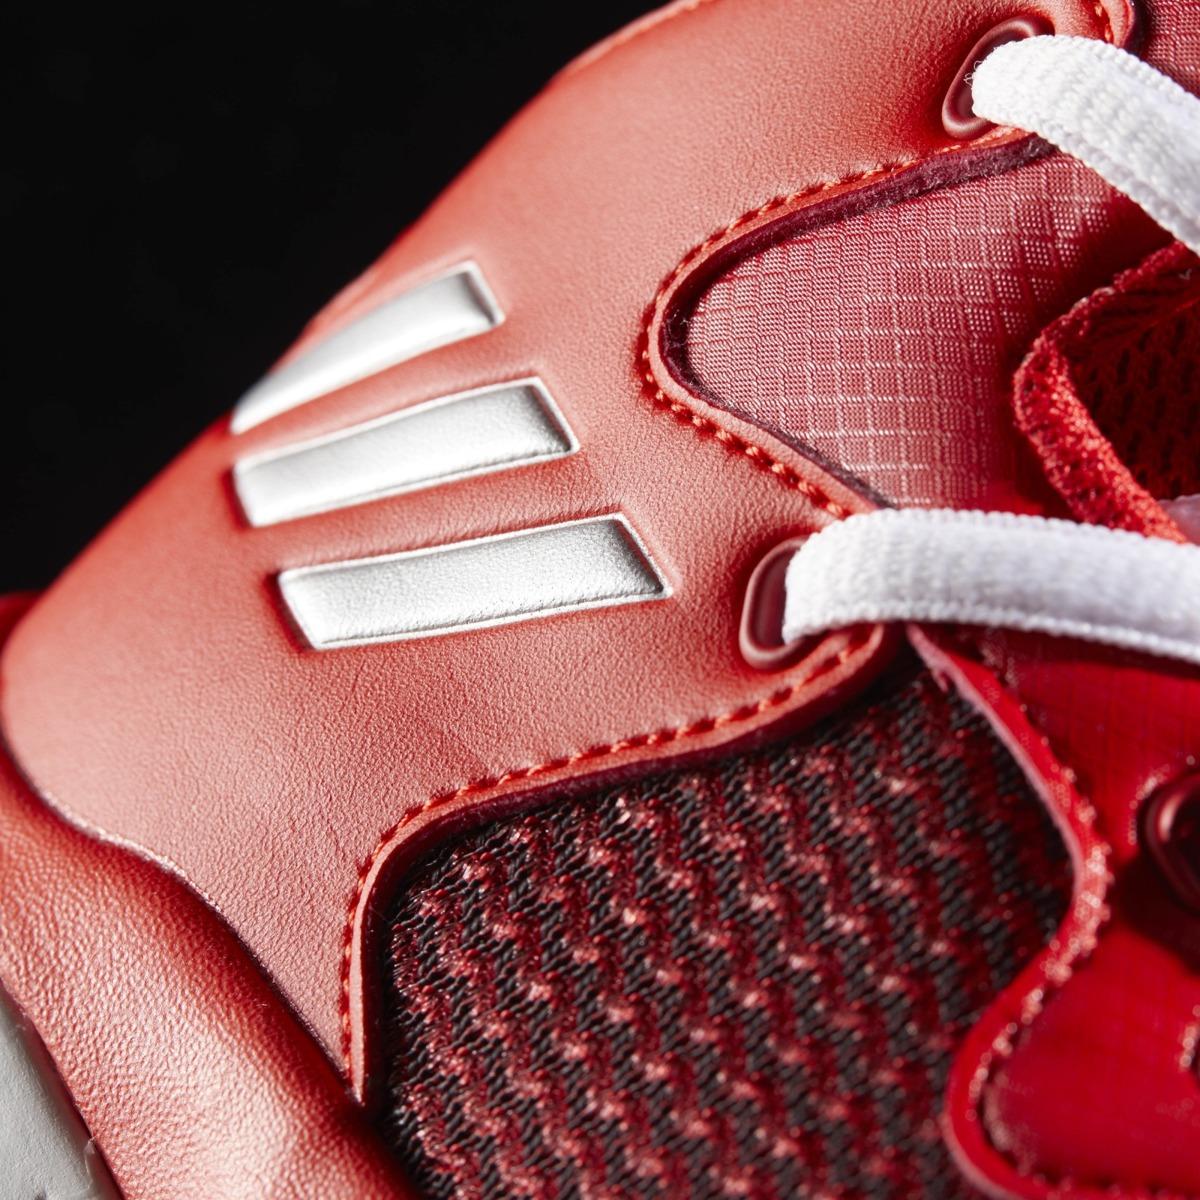 quality design 91b8c f709e Buty dziecięce Adidas Explosive Bounce - CG4268 (7272757878)